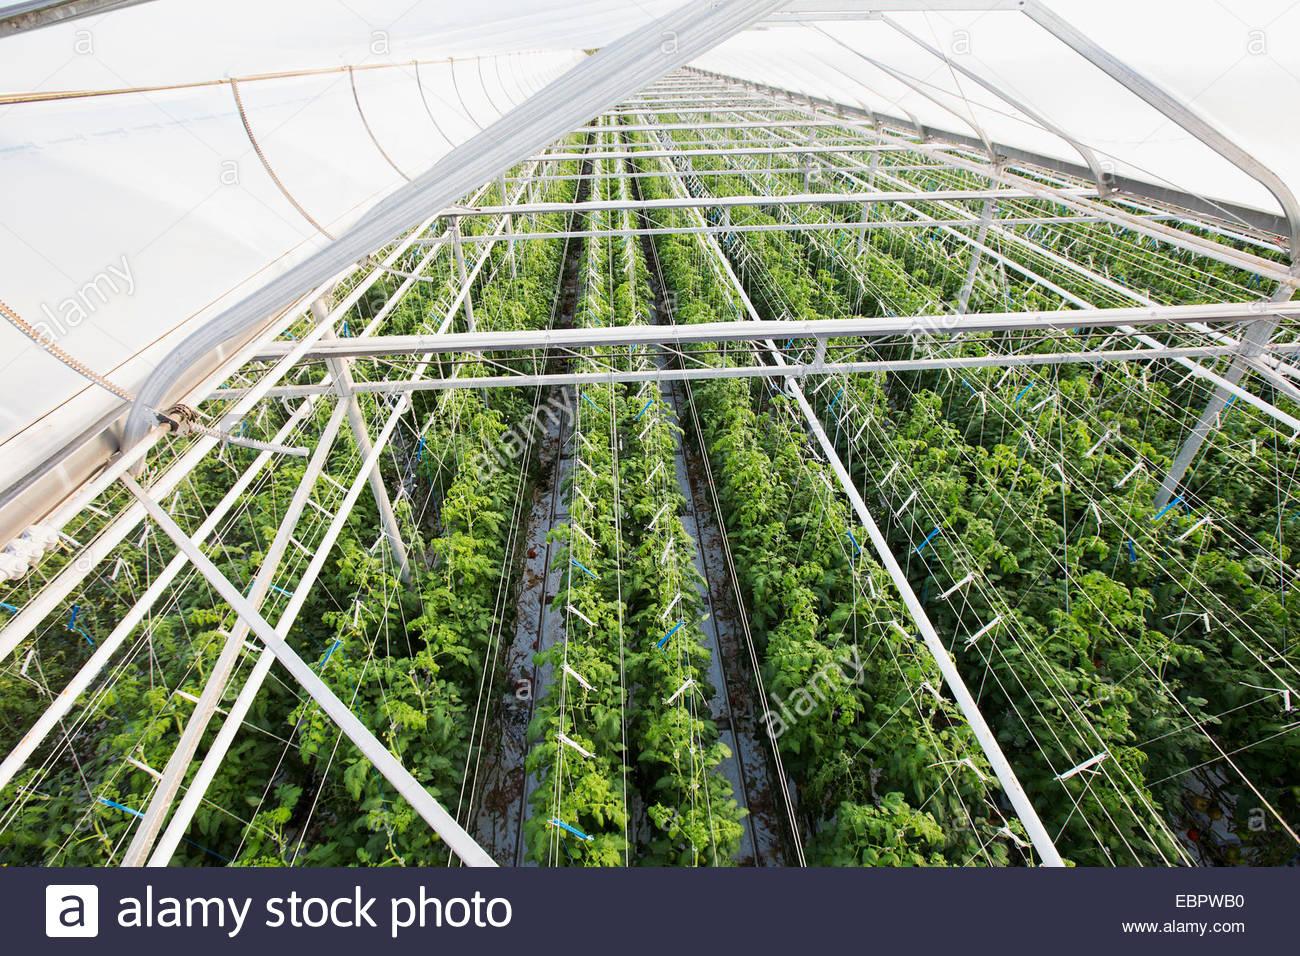 Pflanzen wachsen in einer Zeile im Gewächshaus Stockbild